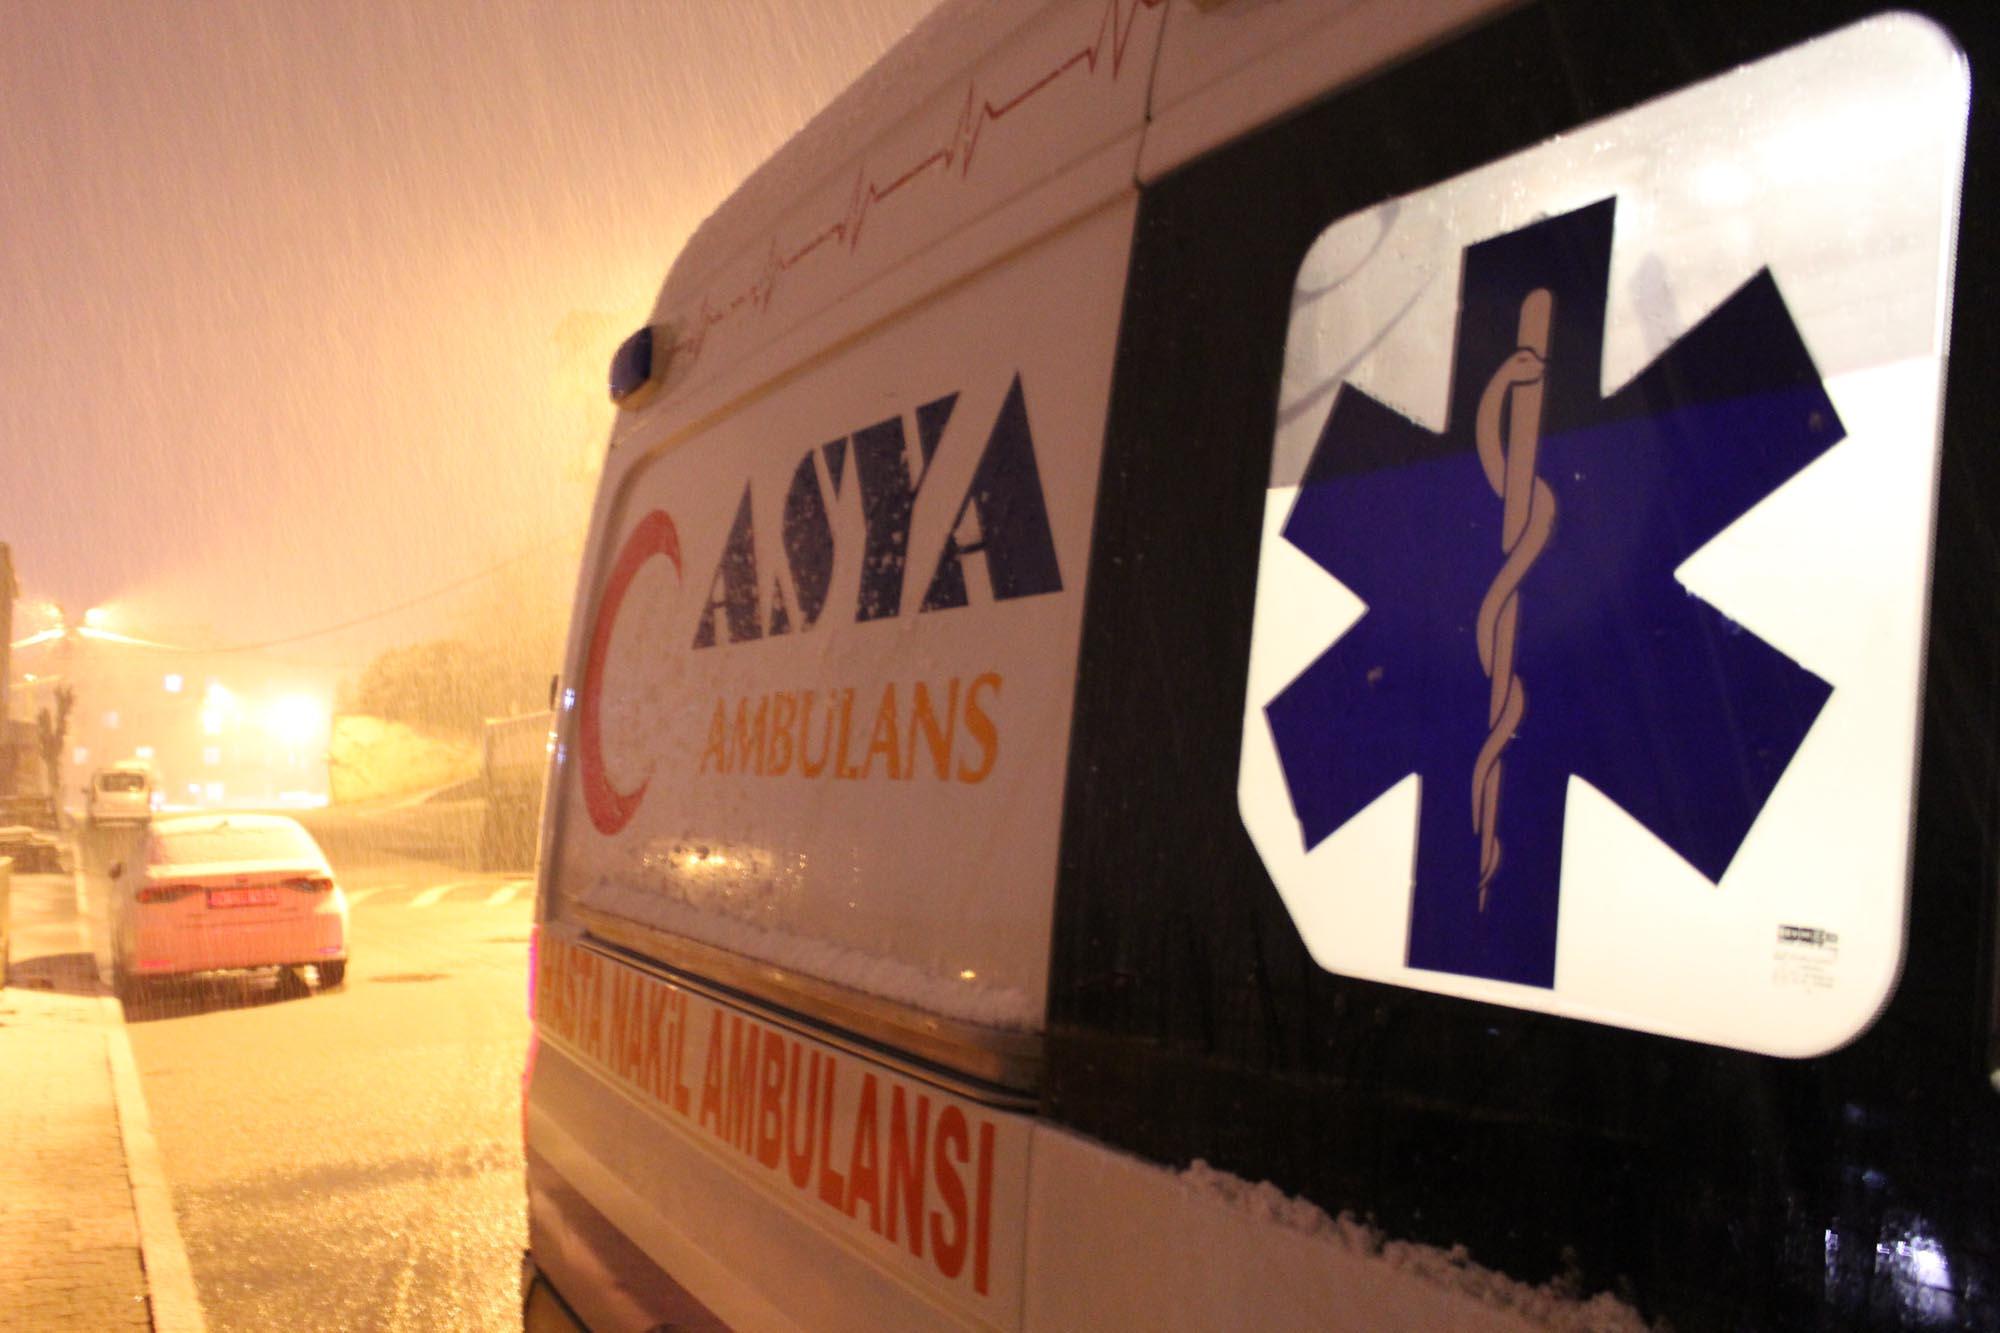 Başakşehir Özel Ambulans